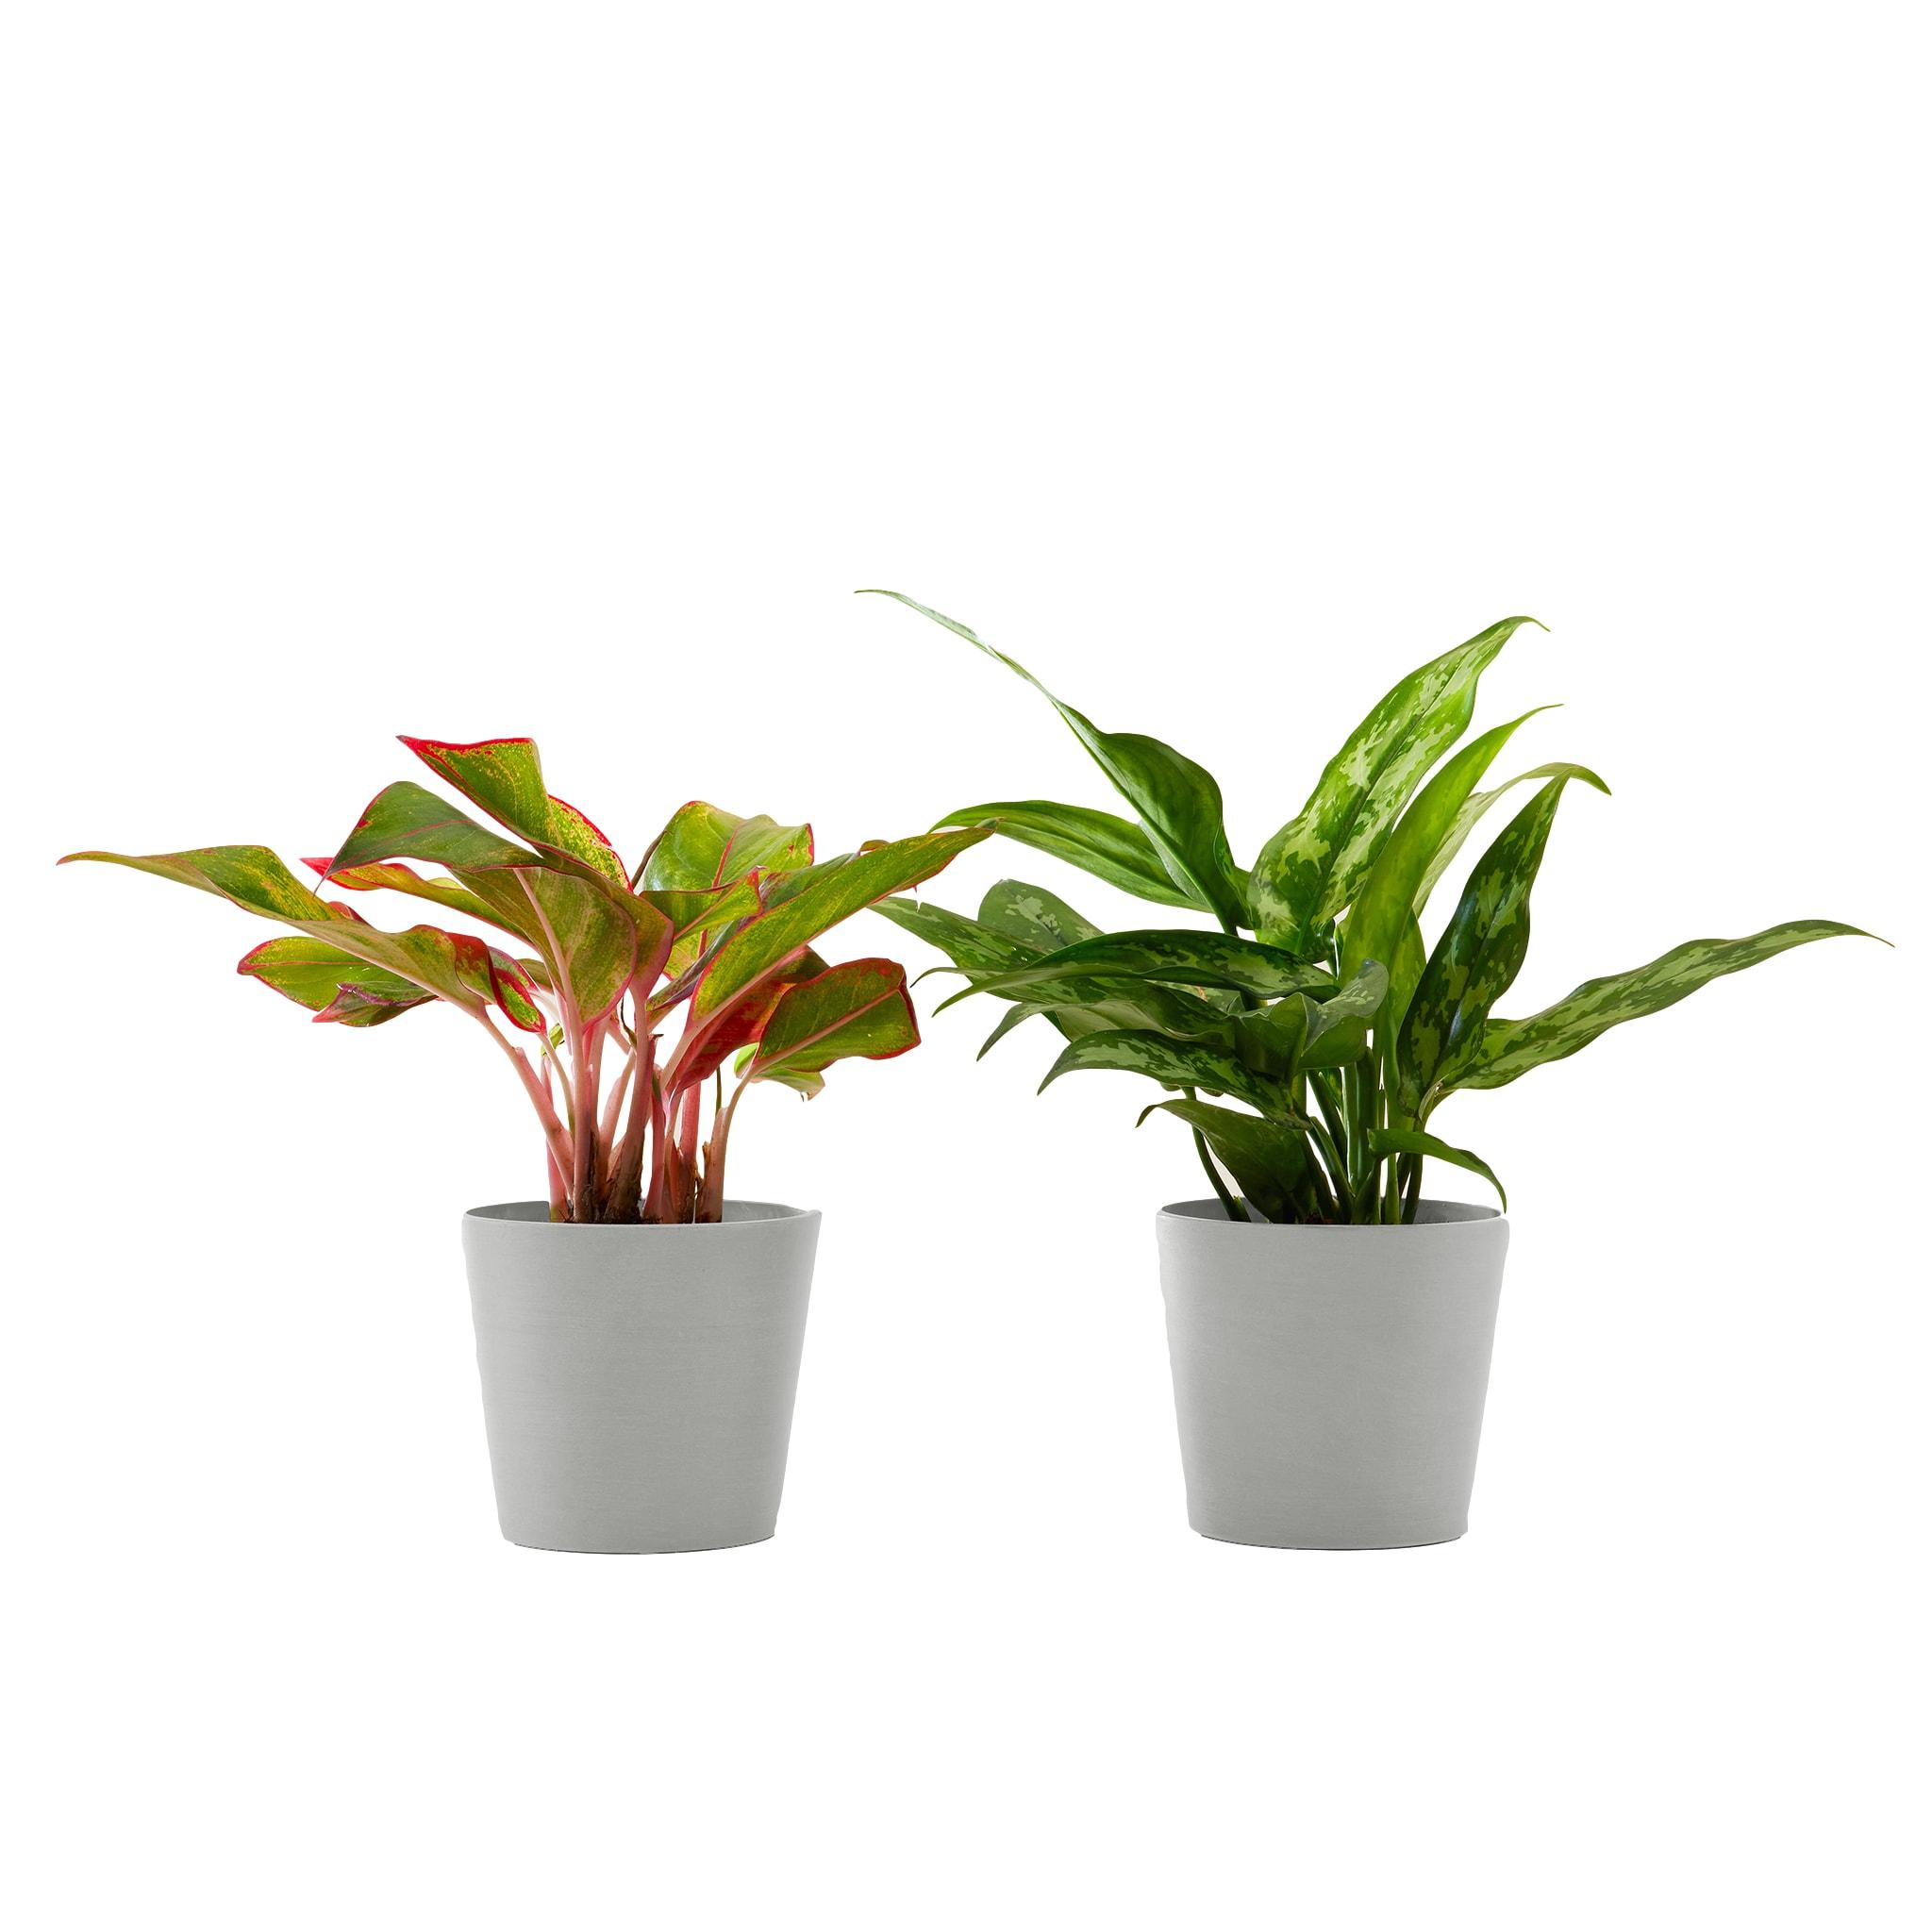 Plante d'intérieur - Duo d'aglaonema 25 cm en pot blanc gris